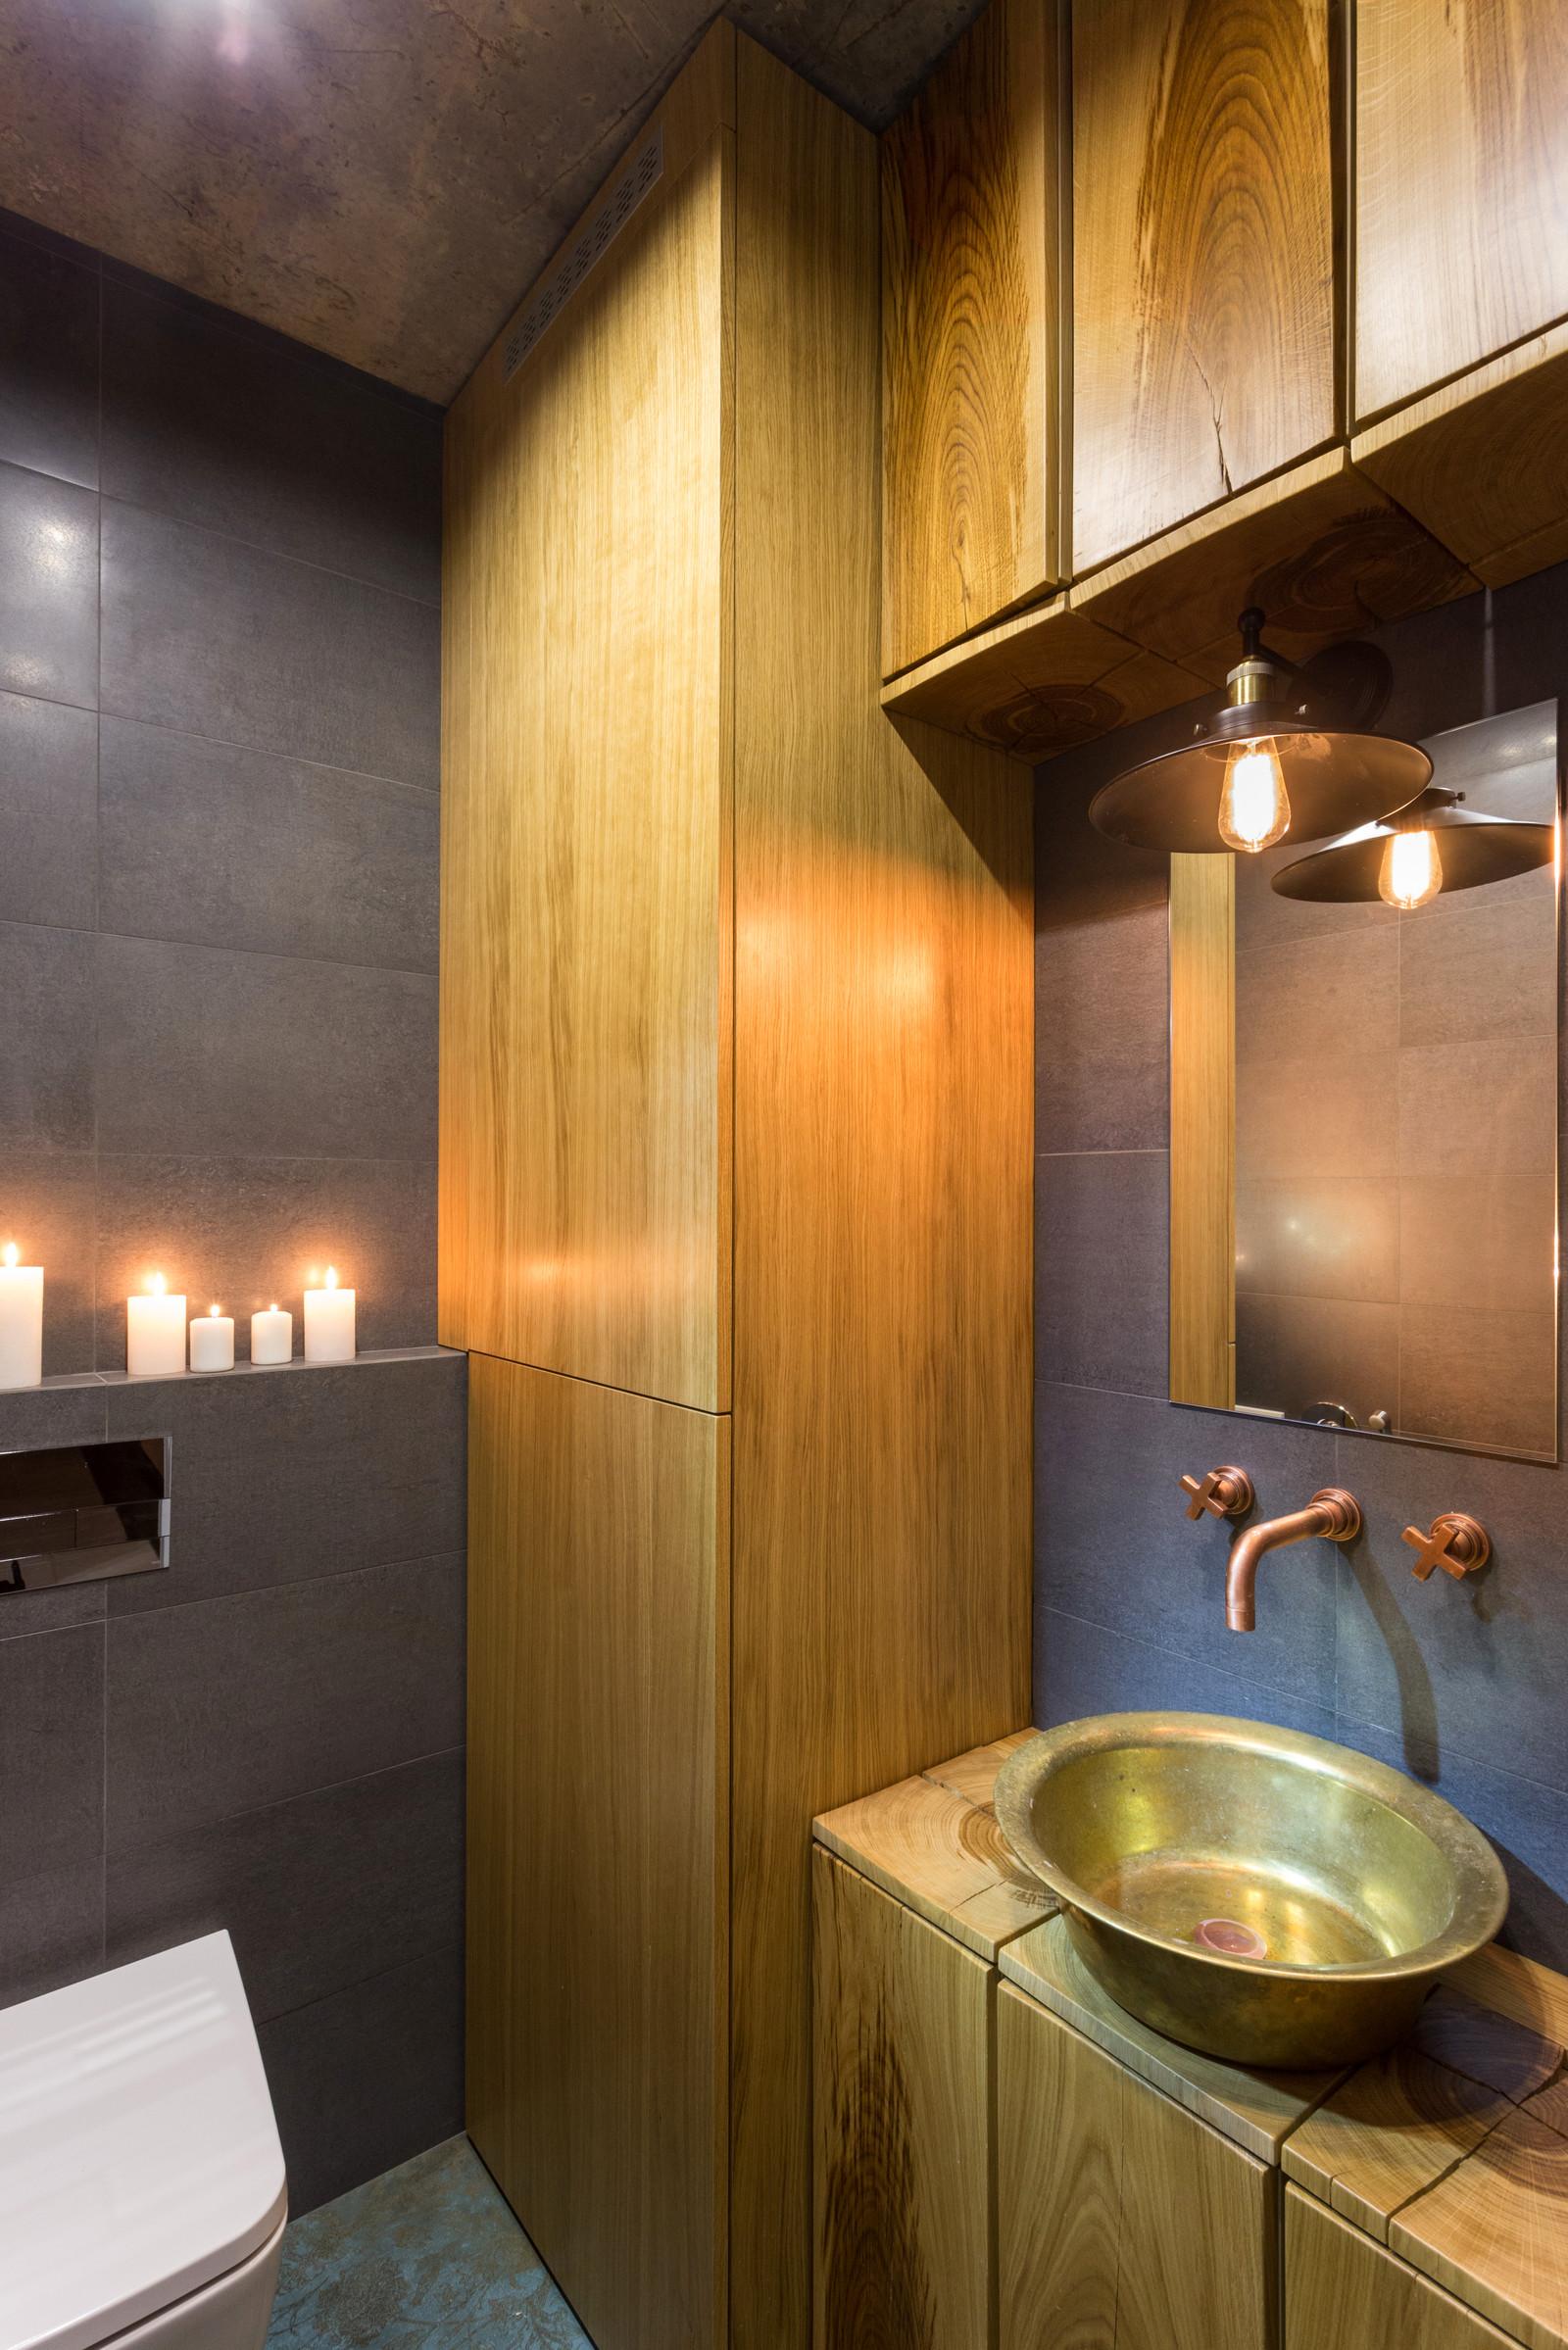 Apartment-design-just3ds.com-16